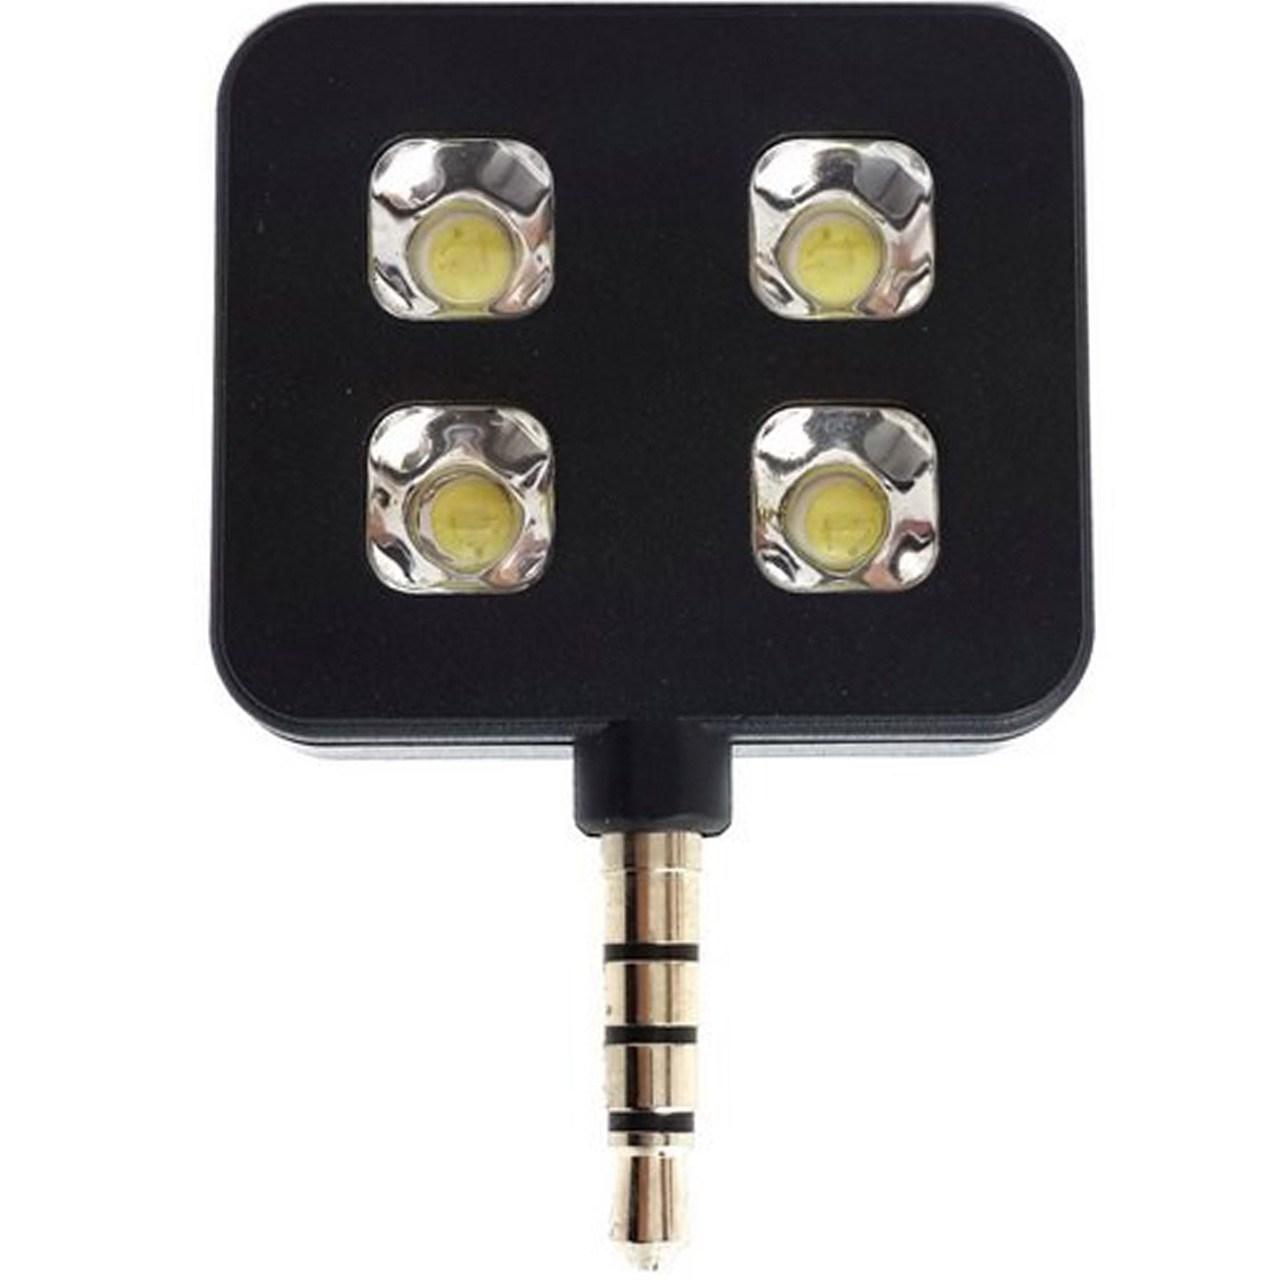 فلاش LED مناسب برای گوشی های هوشمند